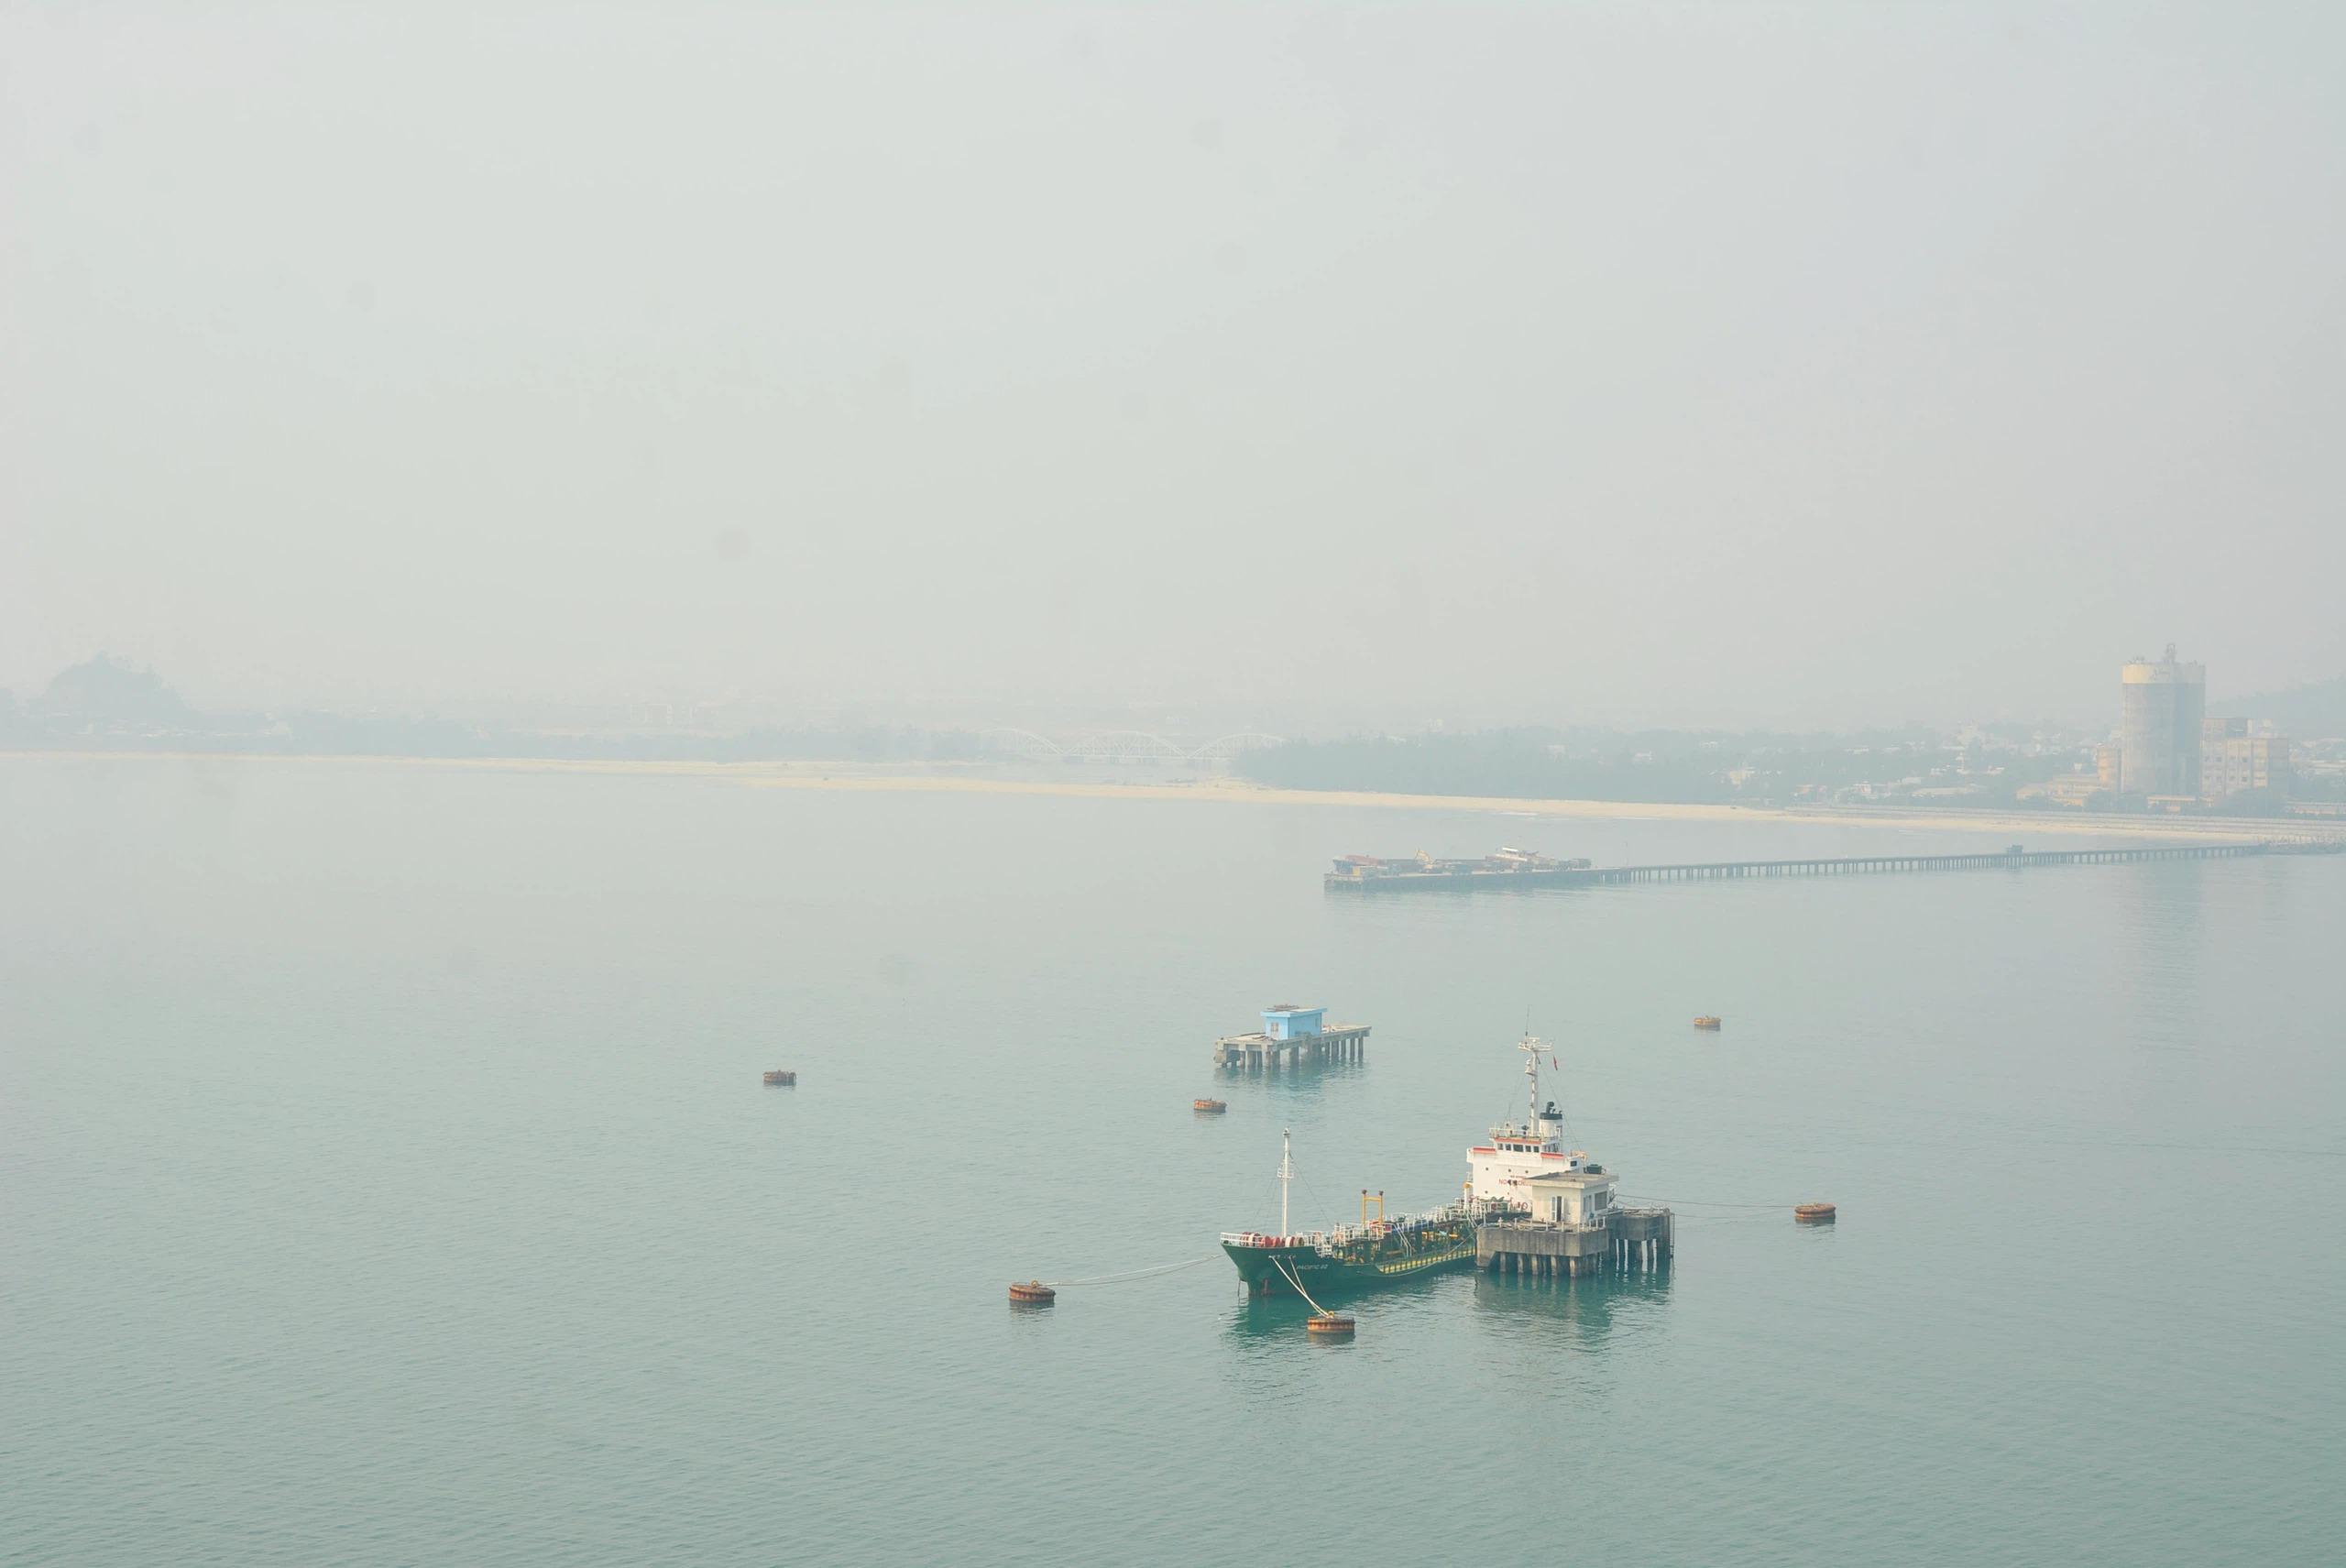 Chủ tịch Đà Nẵng muốn nhà đầu tư Nhật tham gia đầu tư dự án Bến cảng Liên Chiểu - Ảnh 2.